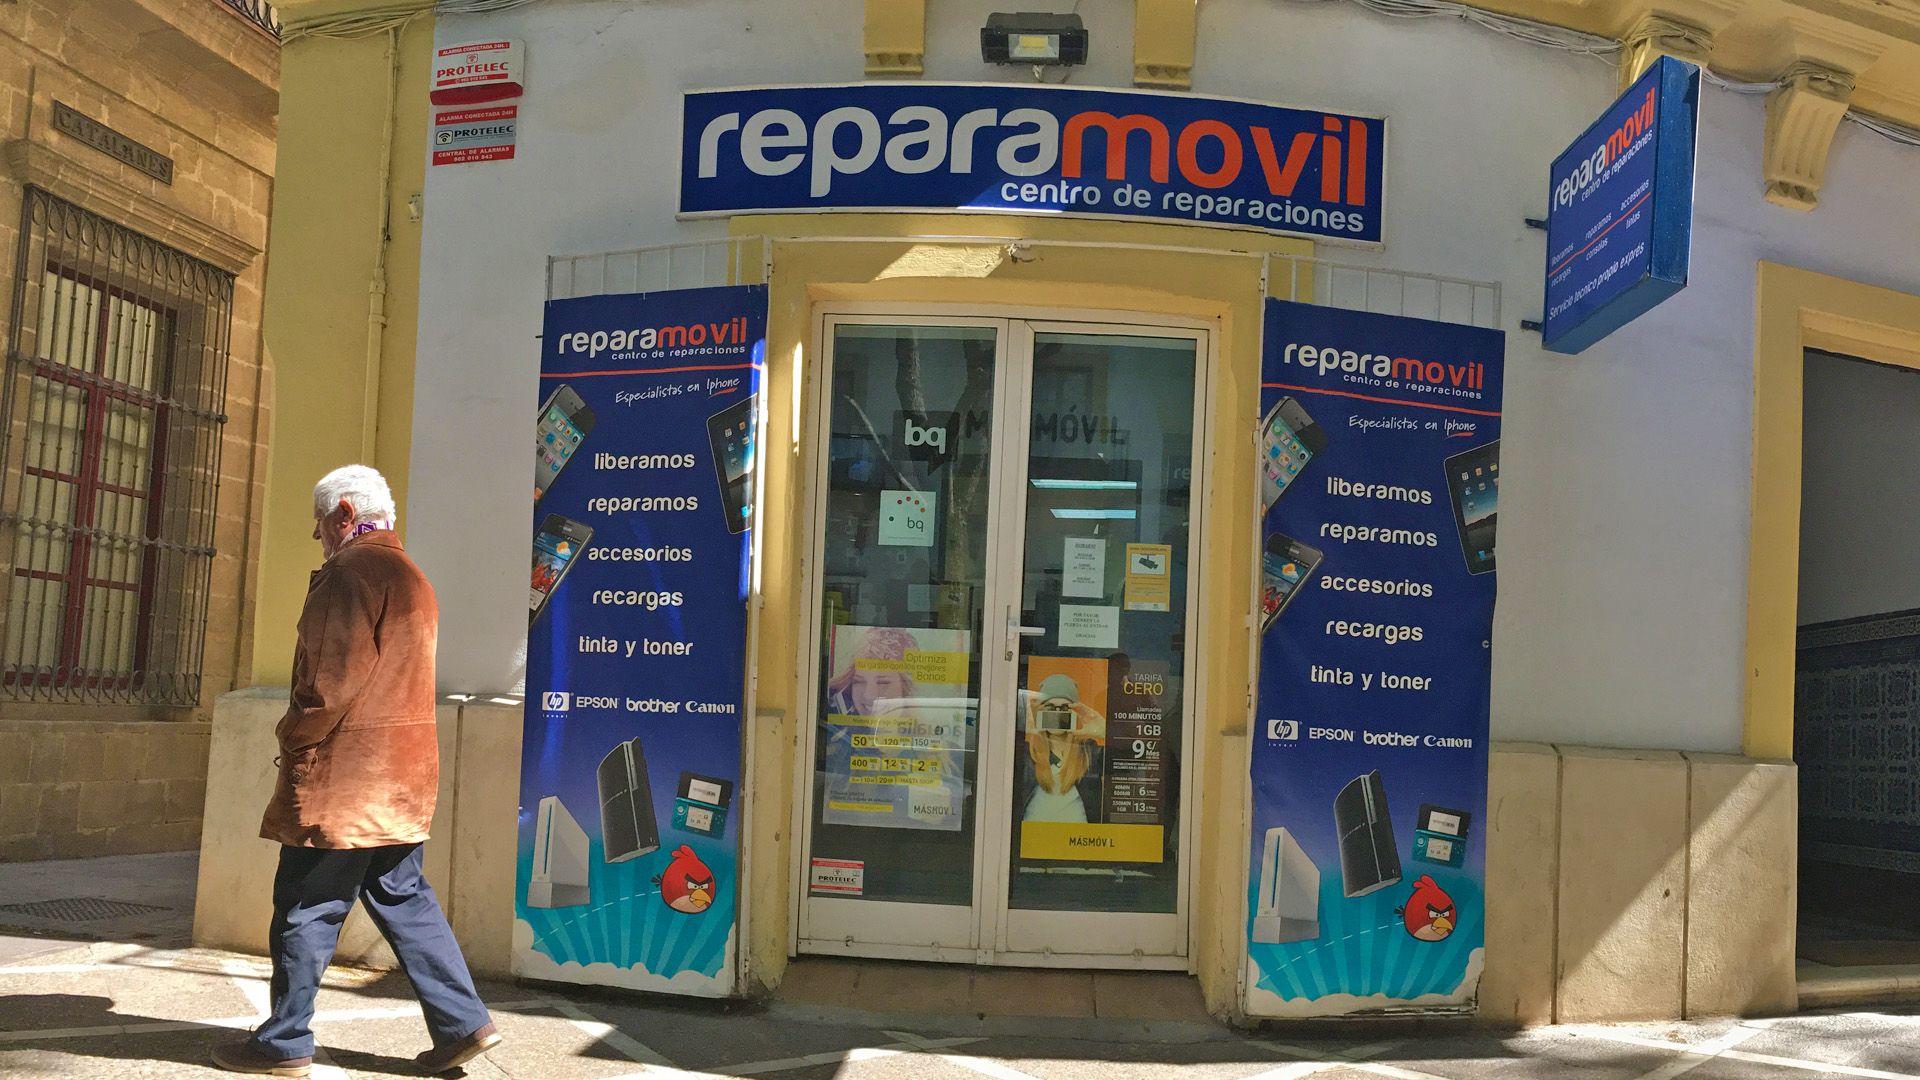 reparamovil 1